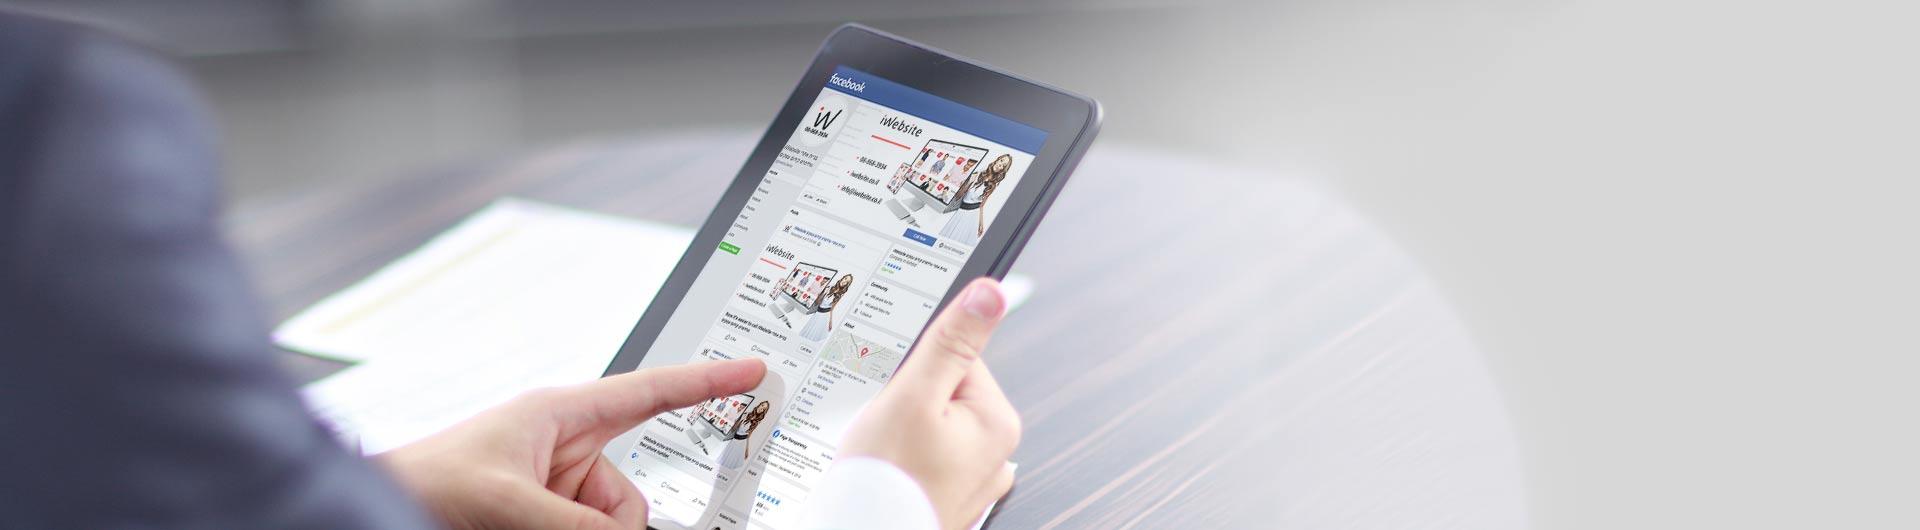 קידום דף עסקי בפייסבוק - מחיר וחבילות